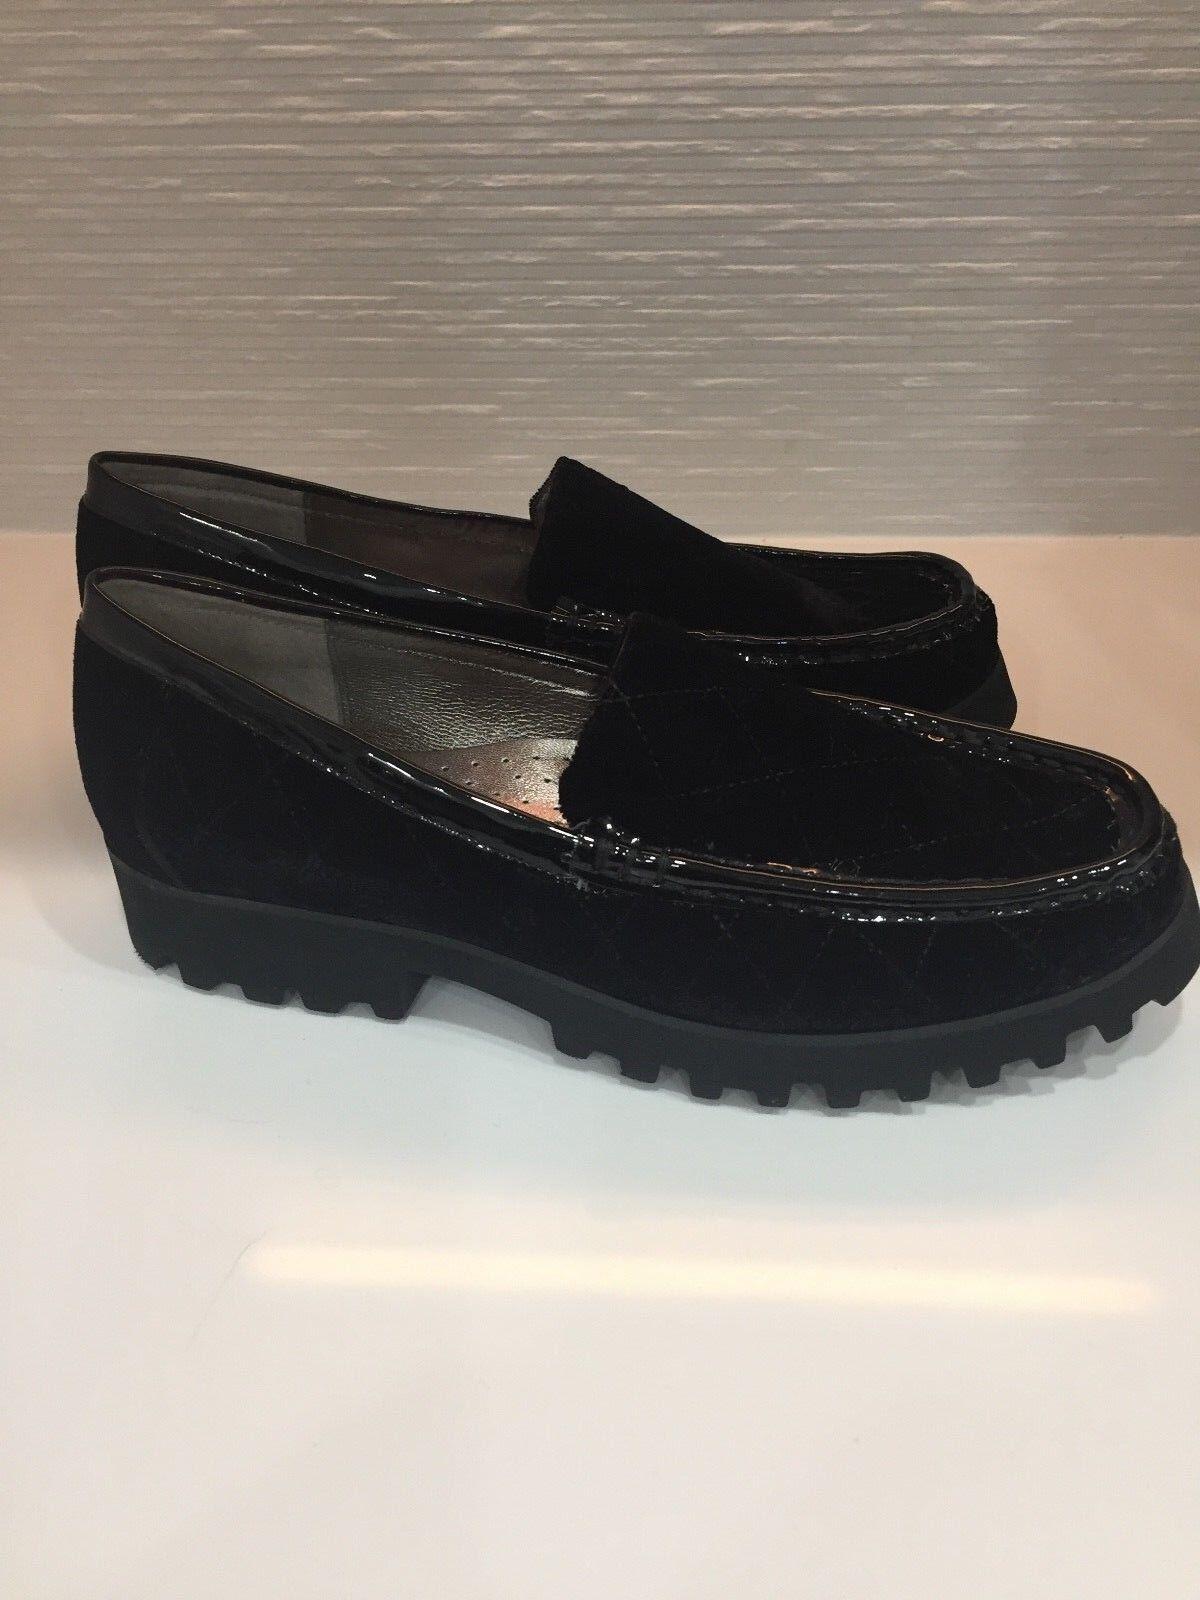 Donald Pliner Negro Terciopelo Roko Zapatos Planos 2-U 2-U 2-U 8.5 Nuevo con etiquetas  estilo clásico